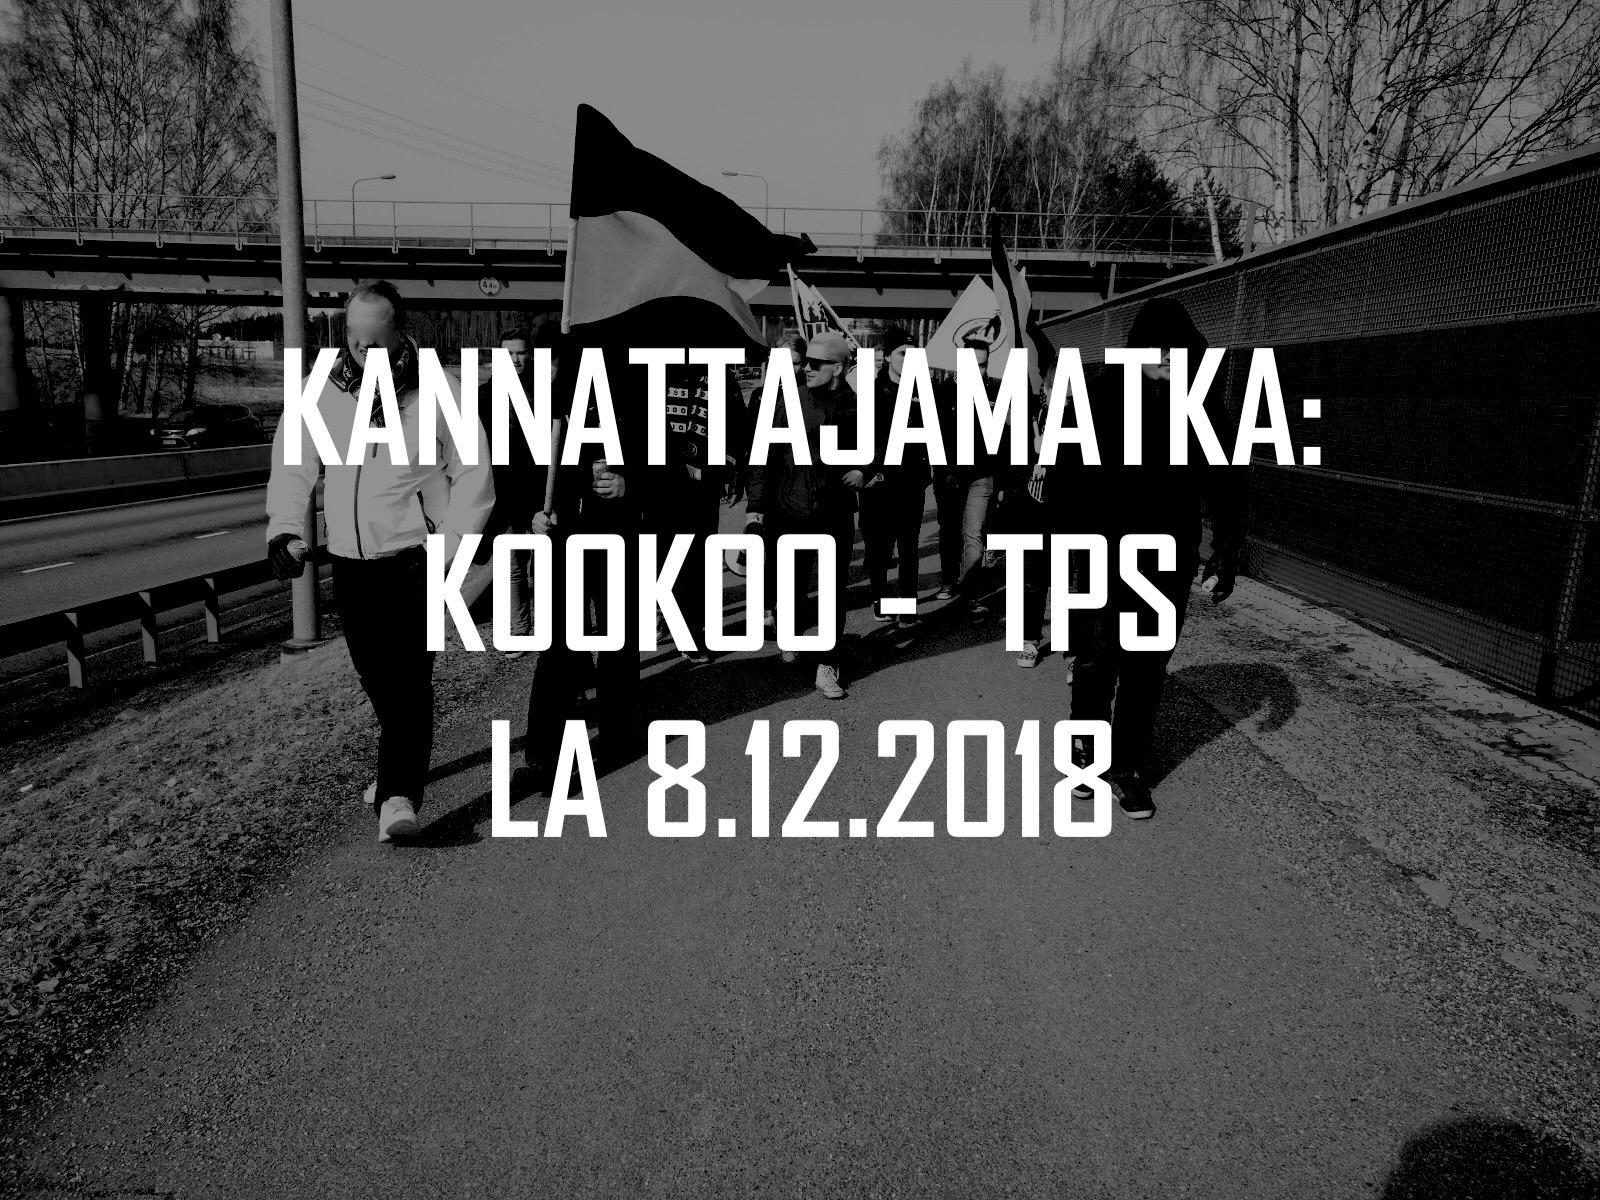 Kannattajamatka: KooKoo – TPS la 8.12.